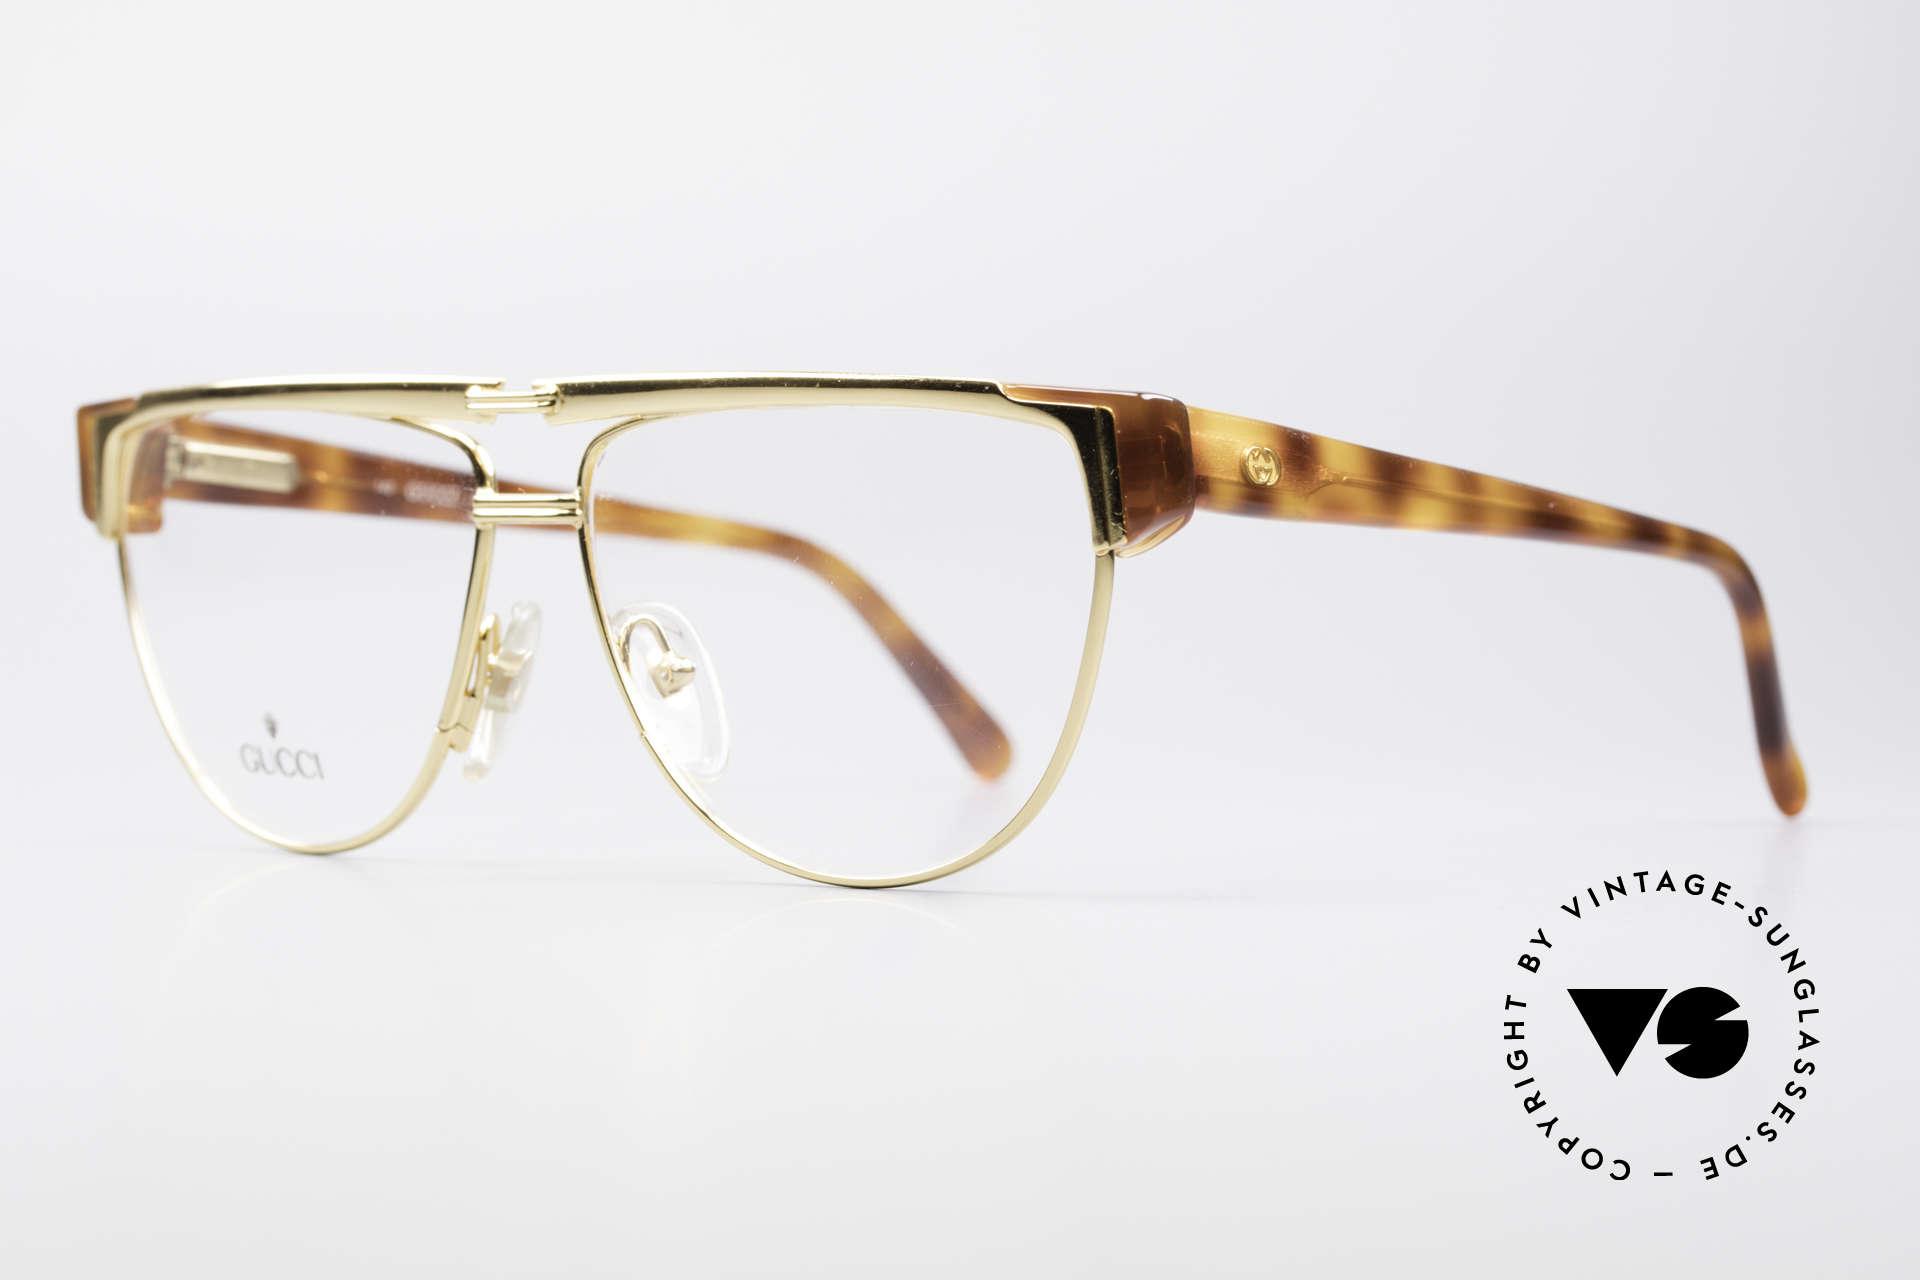 Gucci 2320 Designer Luxusbrille 80er, eine echte italienische Rarität in Premium-Qualität, Passend für Herren und Damen